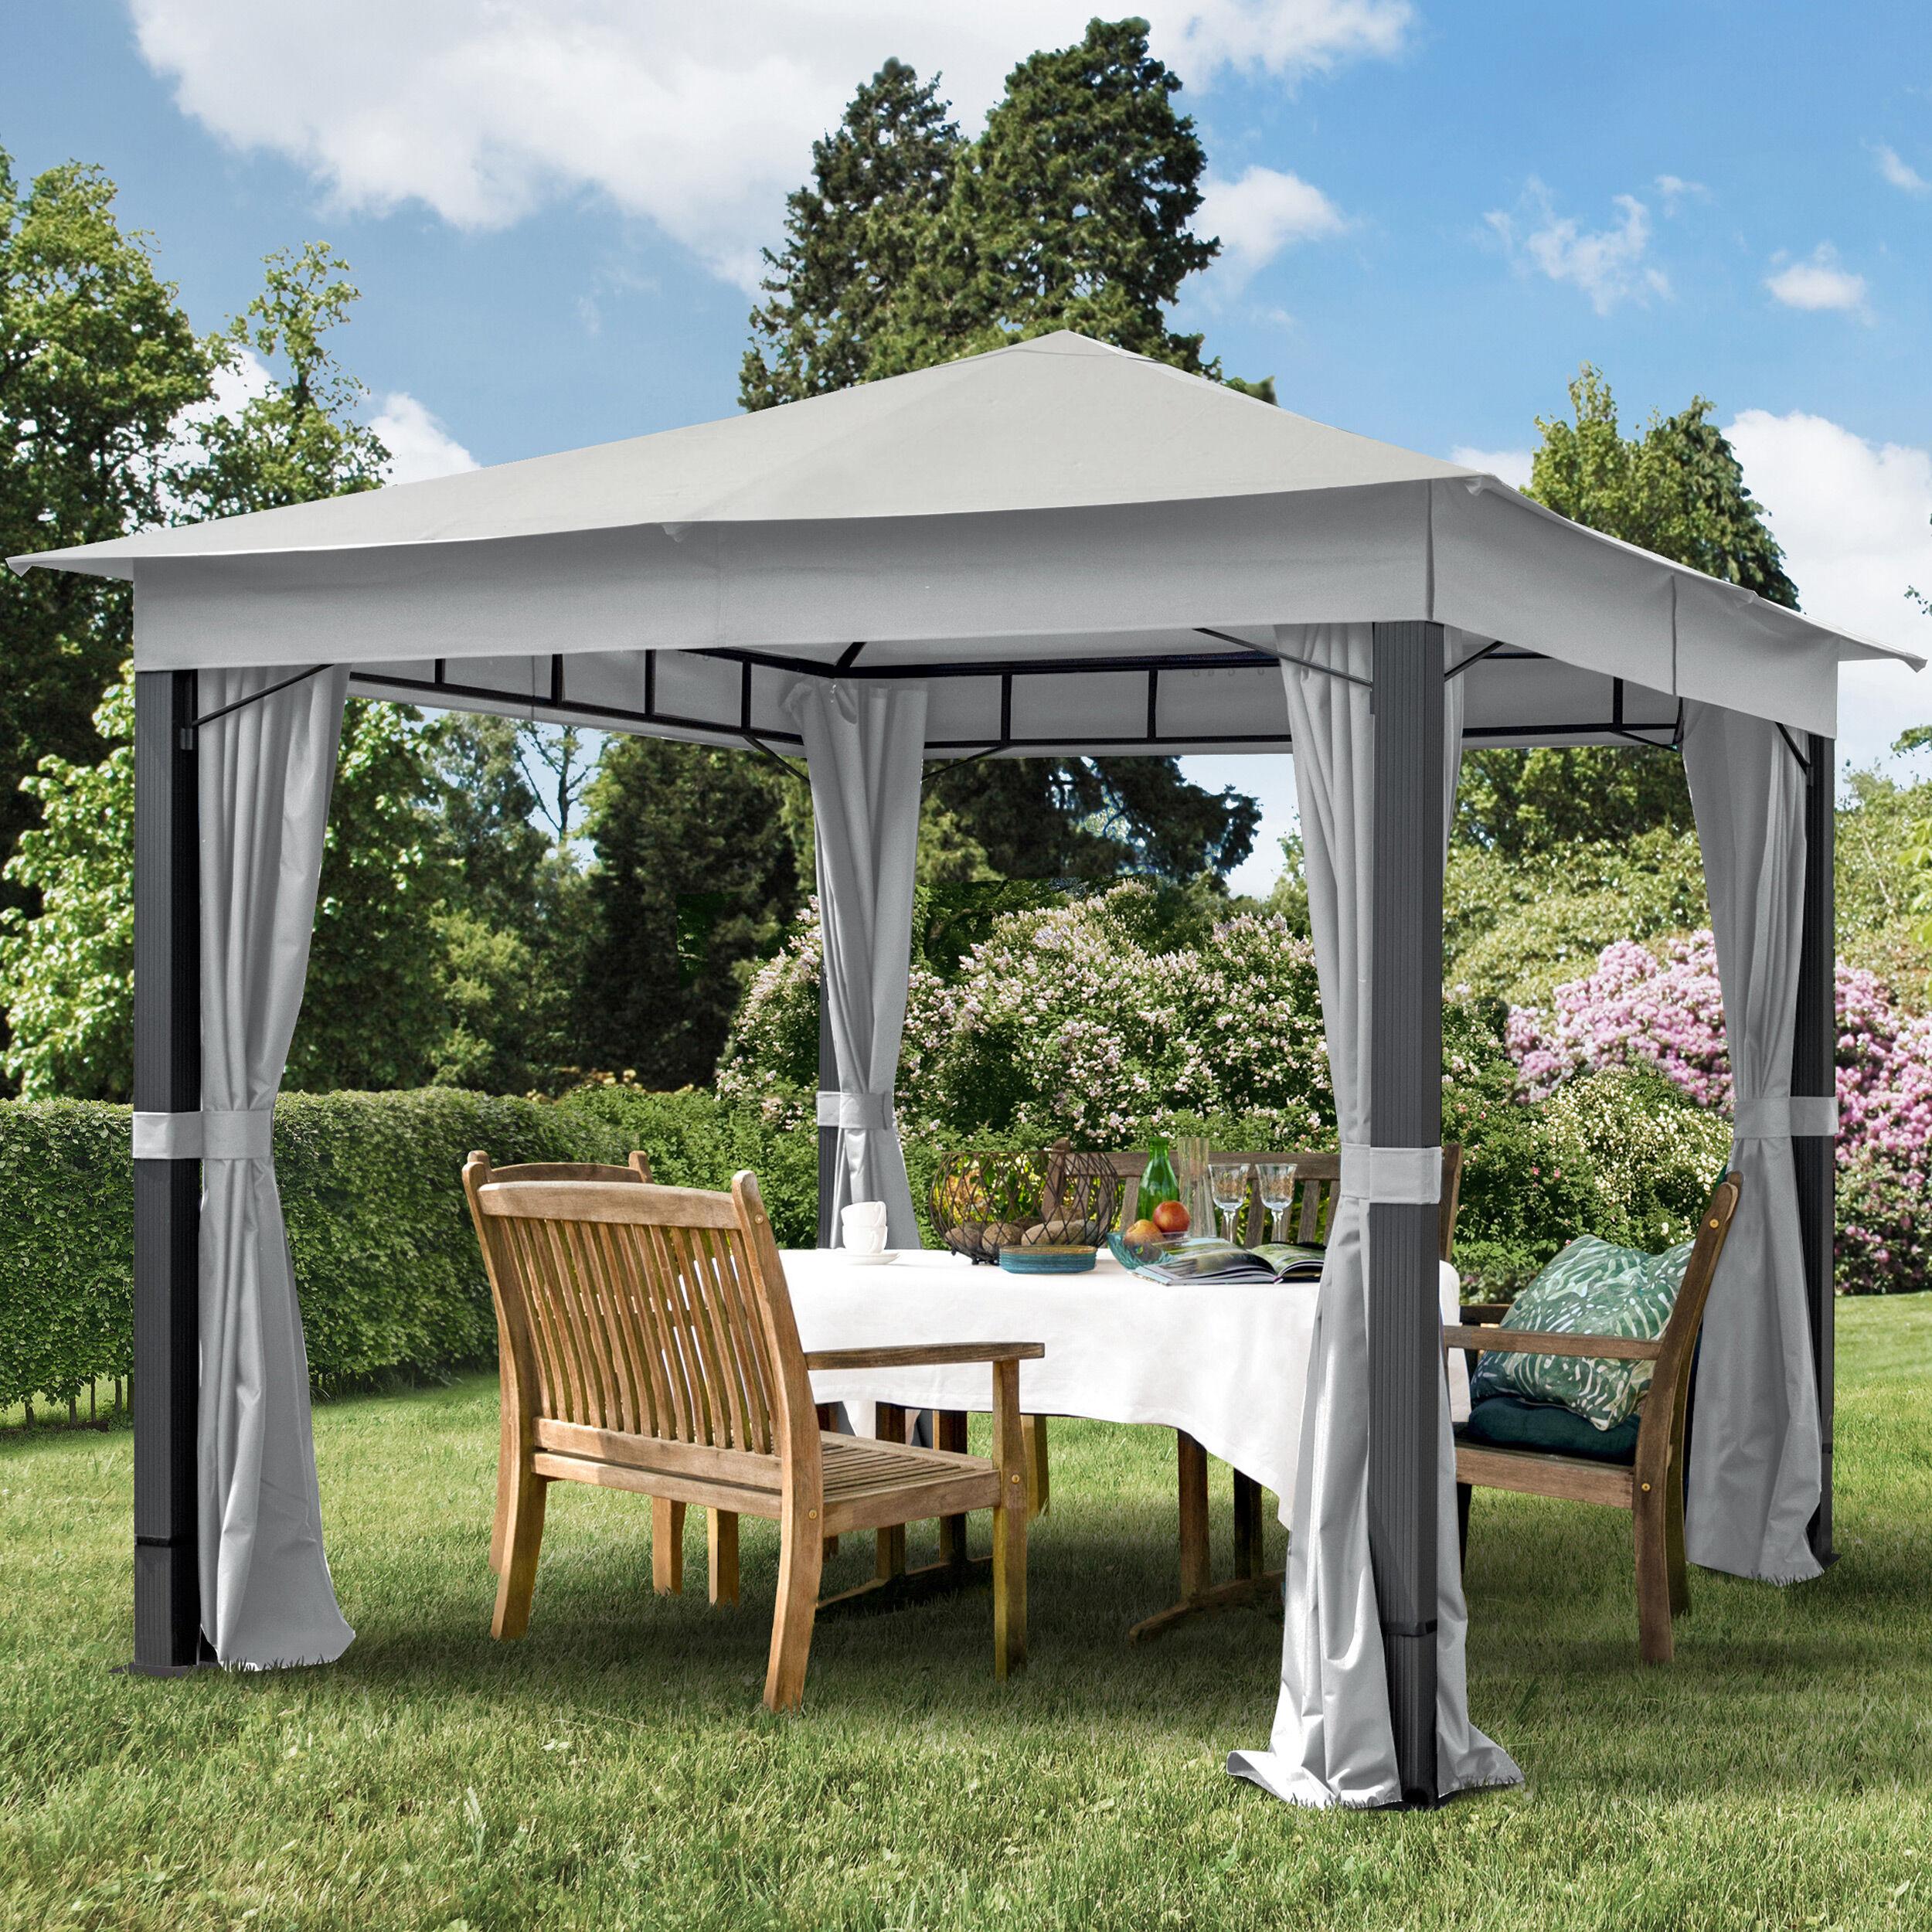 toolport gazebo da giardino 3x3m poliestere con rivestimento in pu 220 g/m² grigio sì